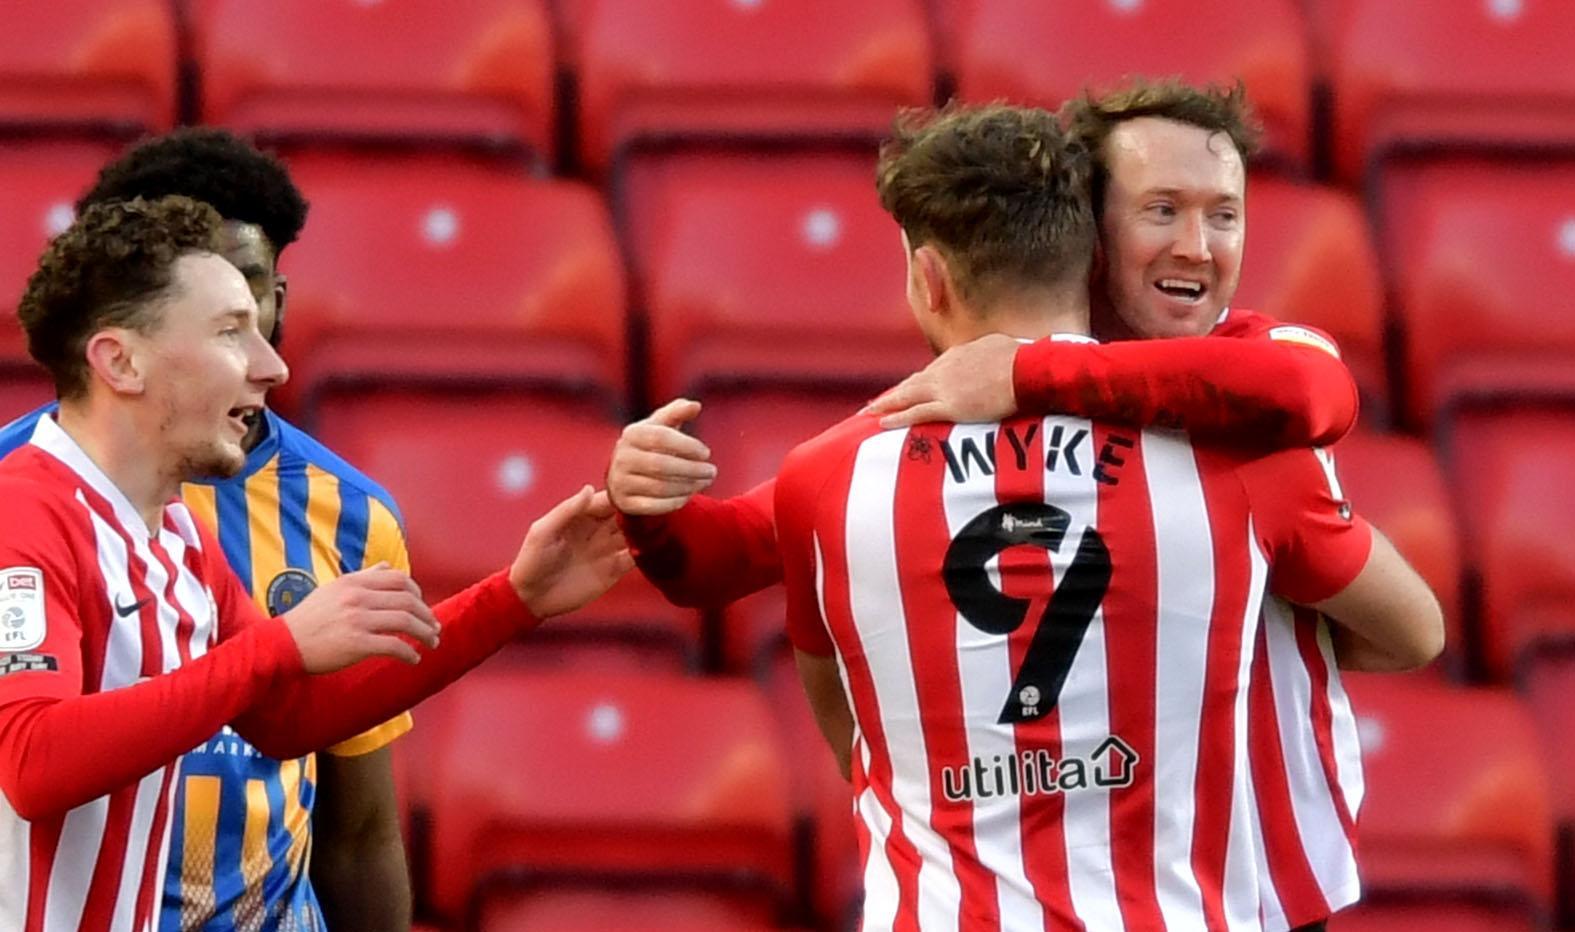 McFazean Shrews Sunderland blog